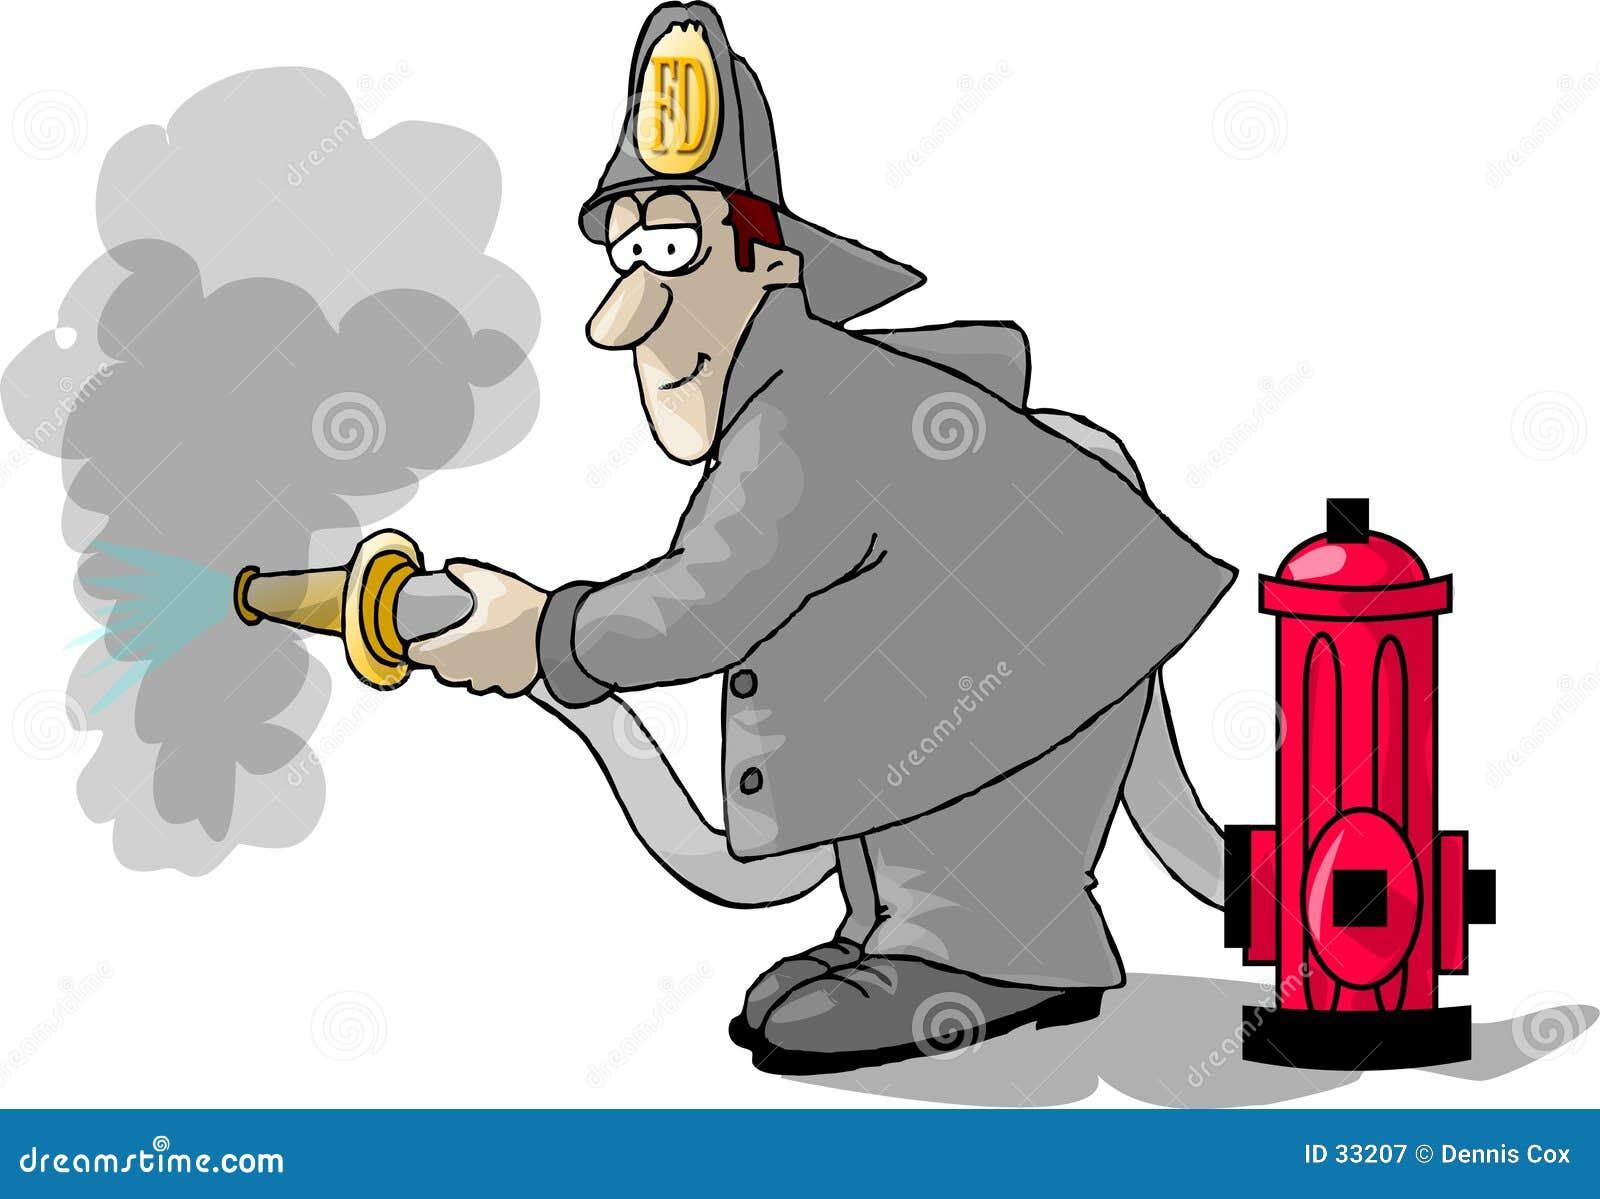 Feuerwehrmann, Hydrant und ein Schlauch